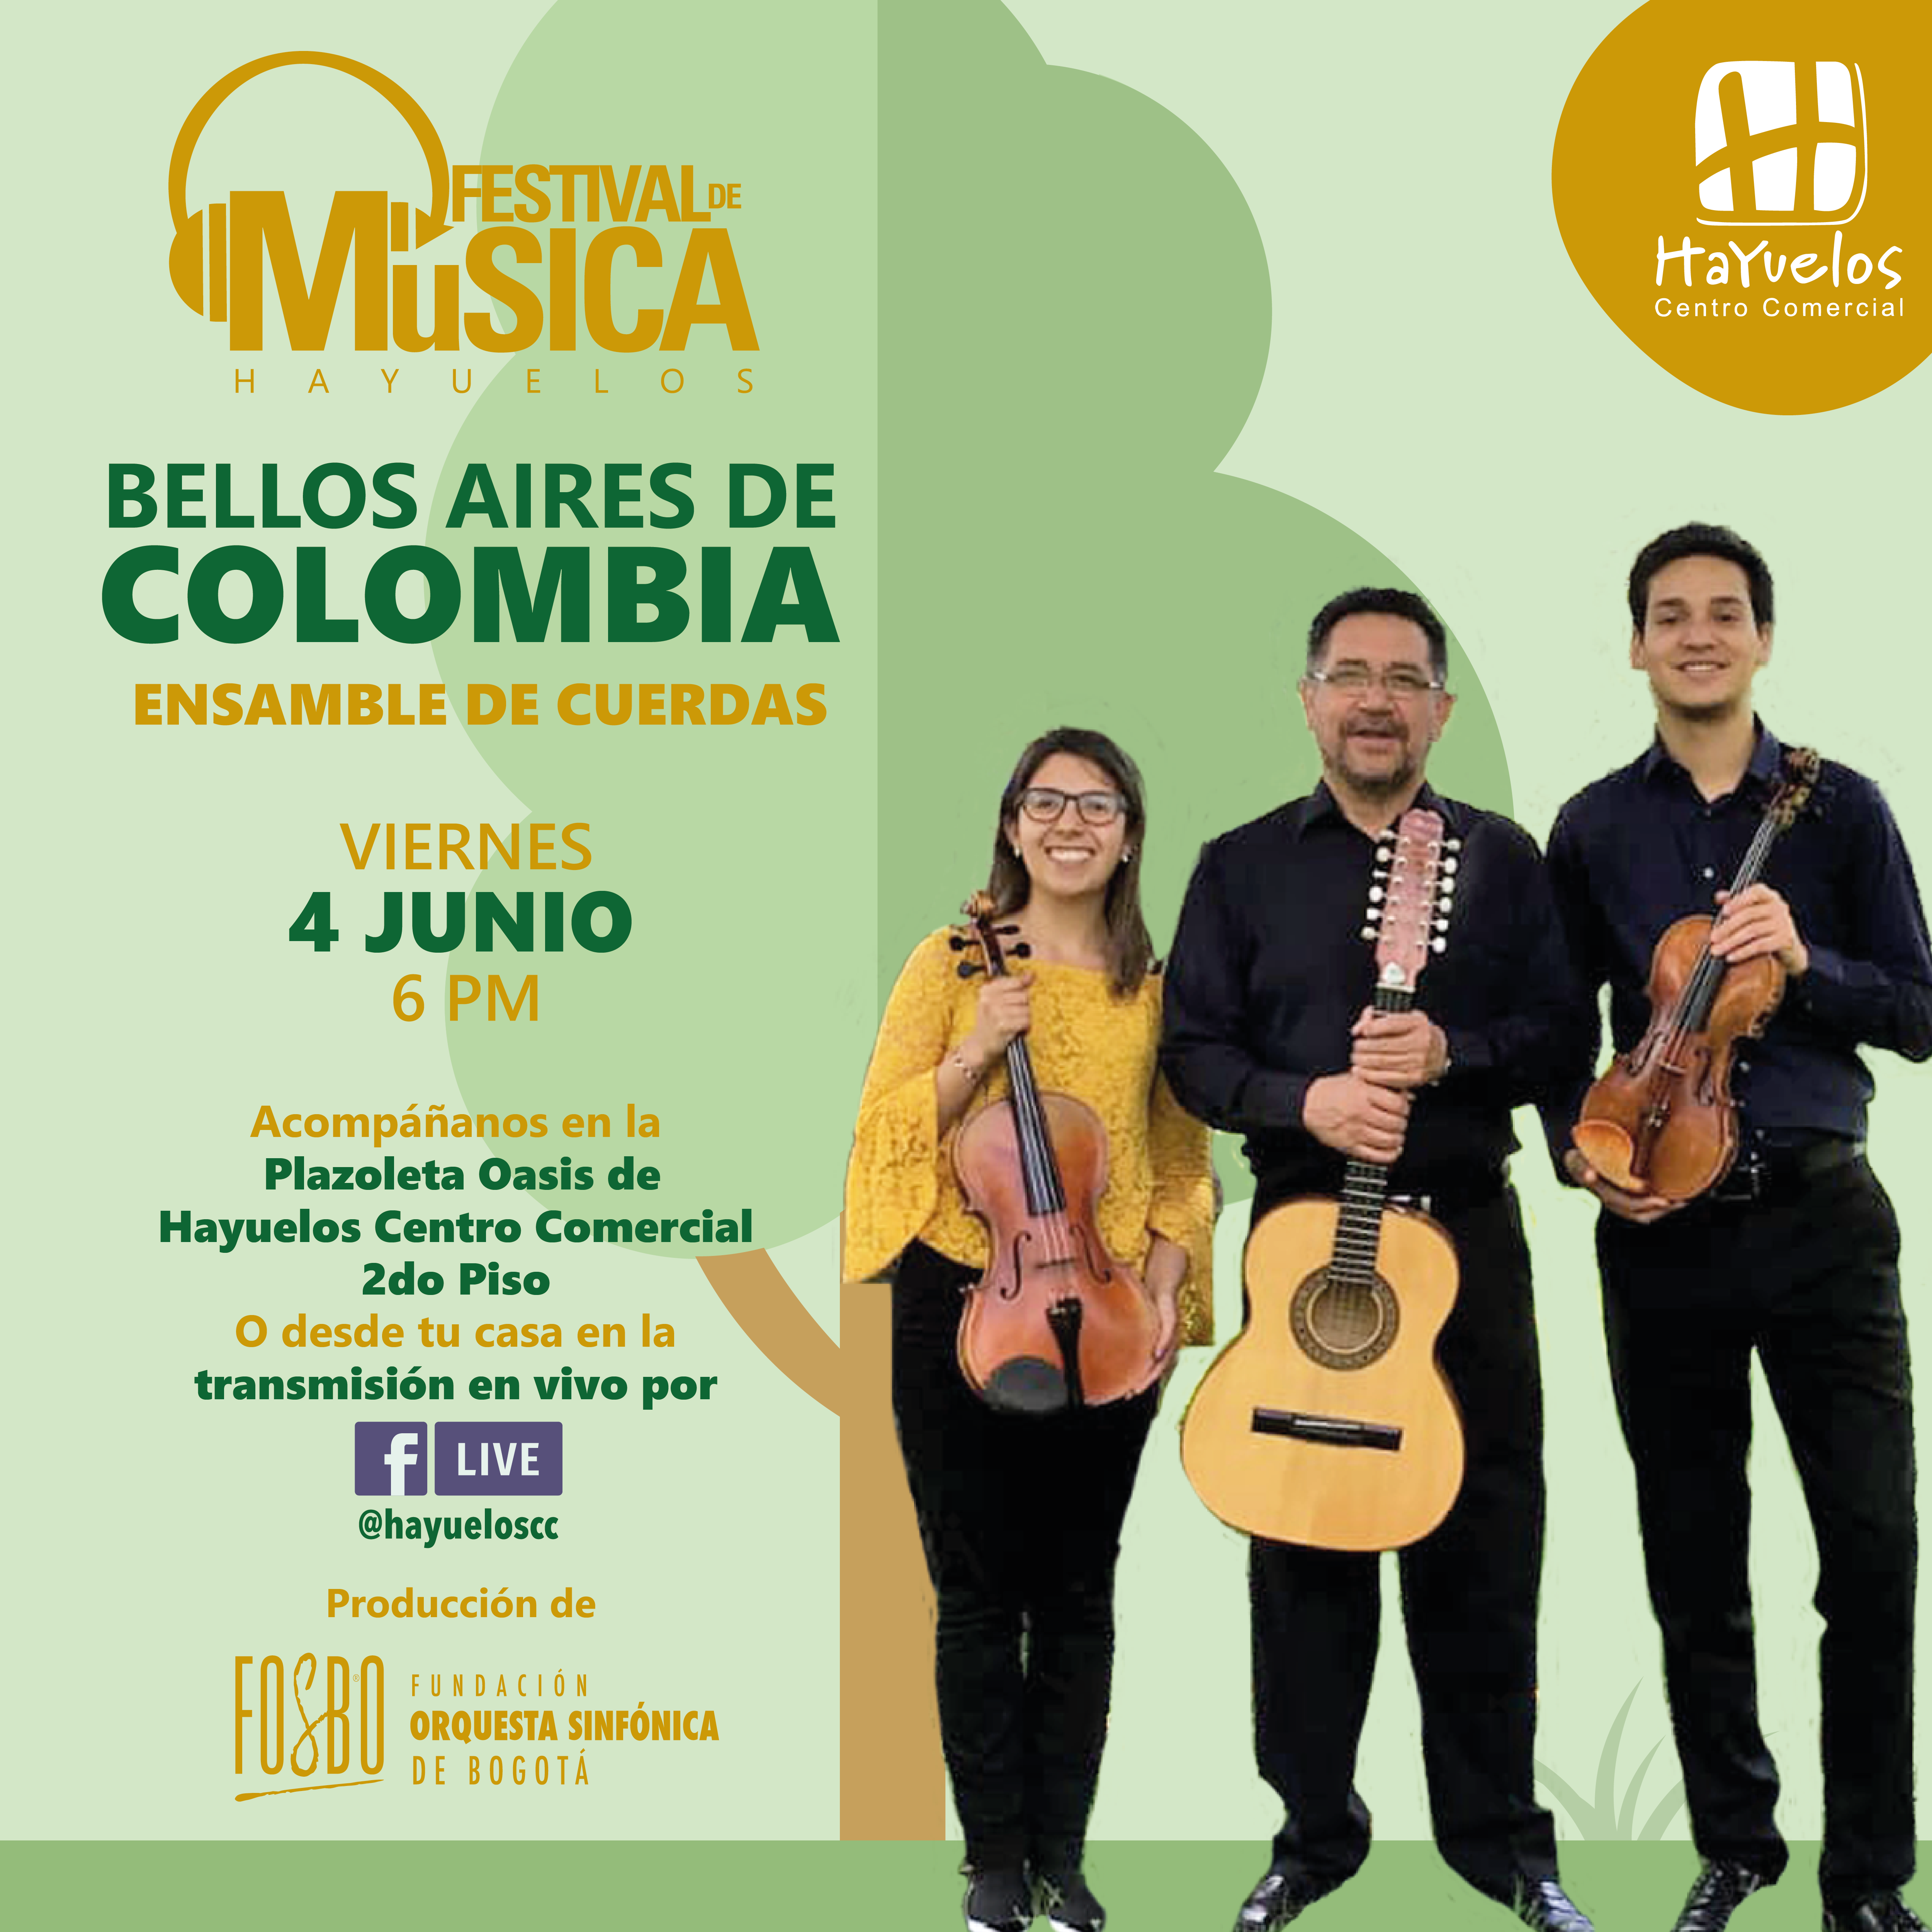 Entre cuerdas Festival de música Hayuelos Fosbo